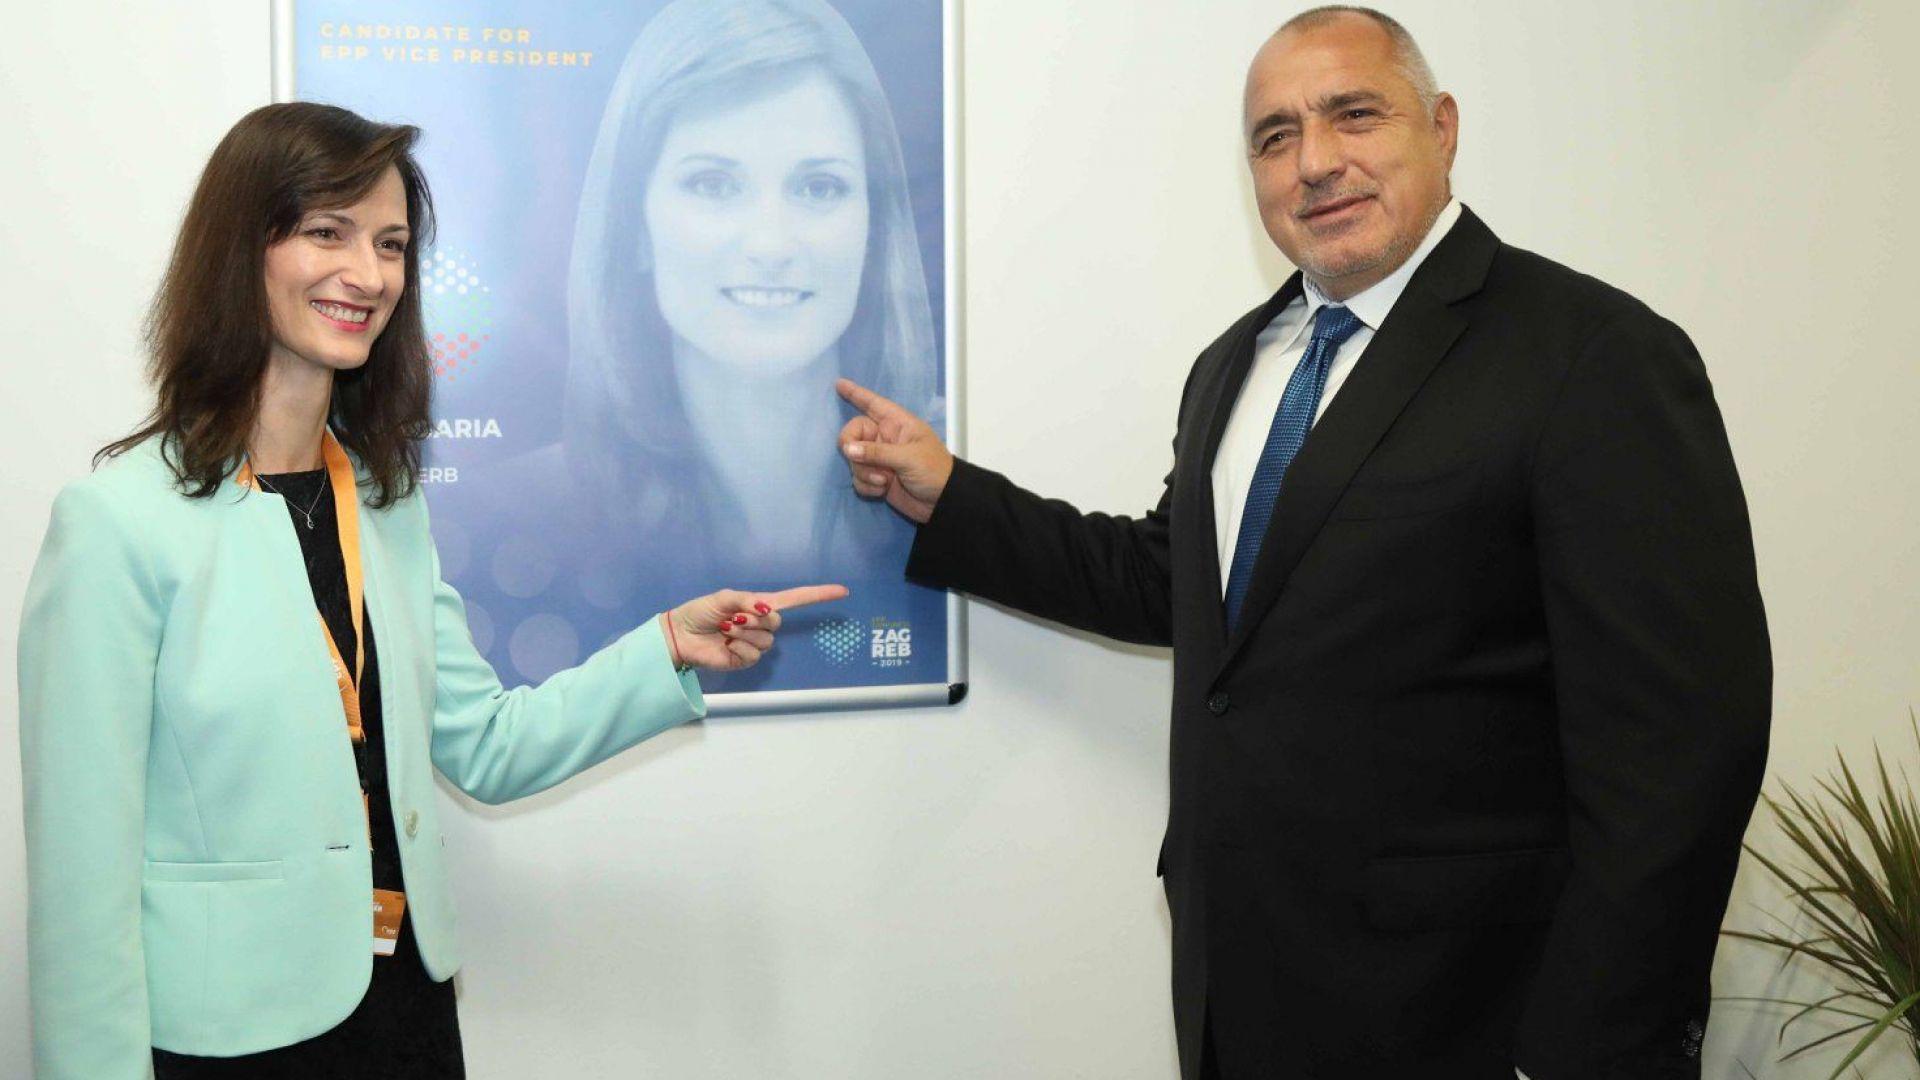 Българският еврокомисар Мария Габриел беше избрана за заместник-председател на Европейската